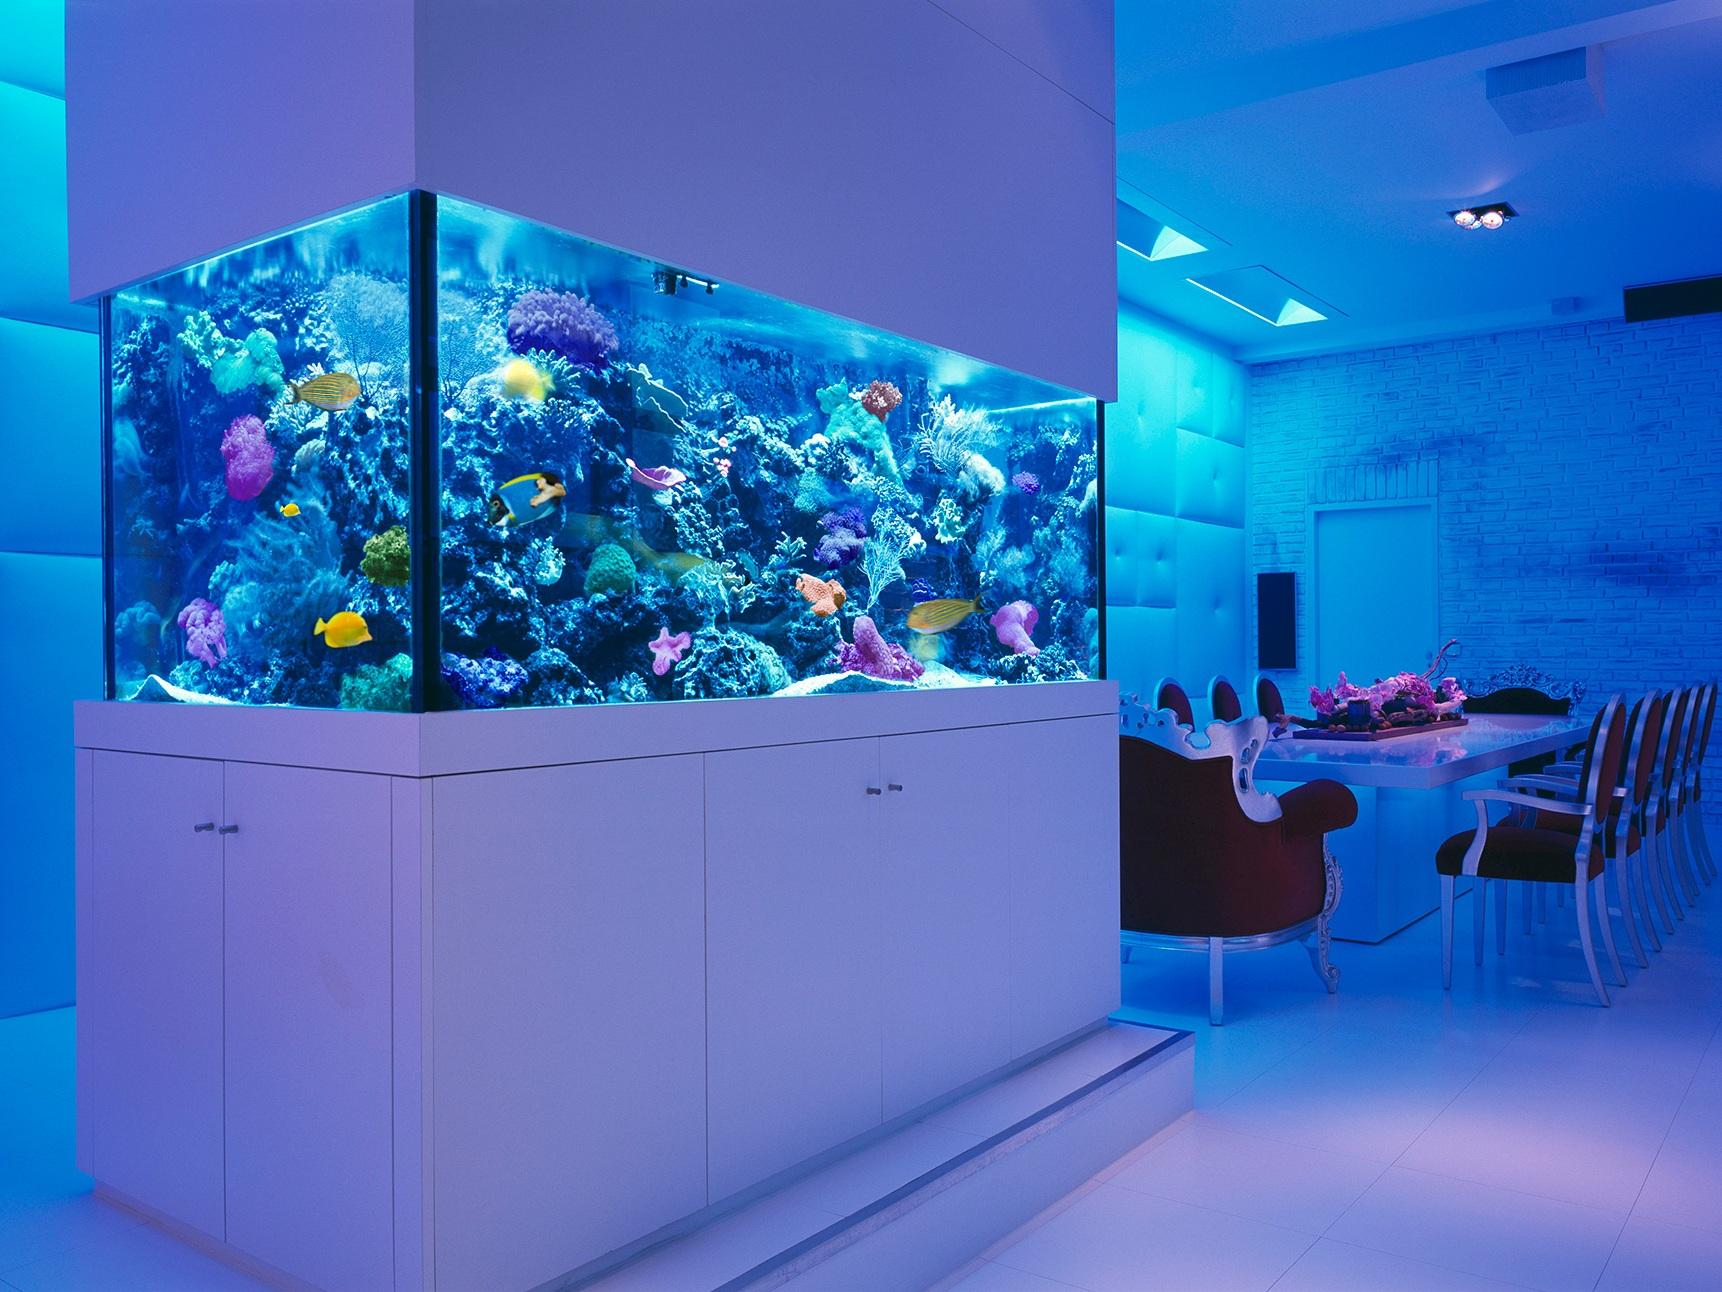 идея маленького встроенного в пол аквариума